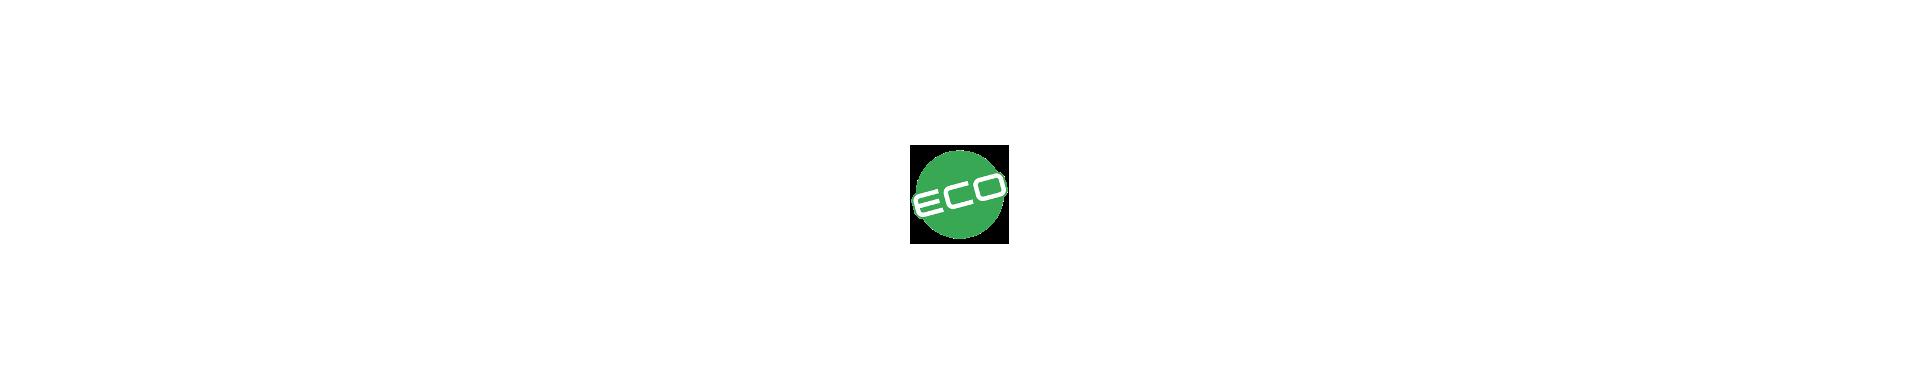 Eco-friendly vouchers - Buy organic fertilizers